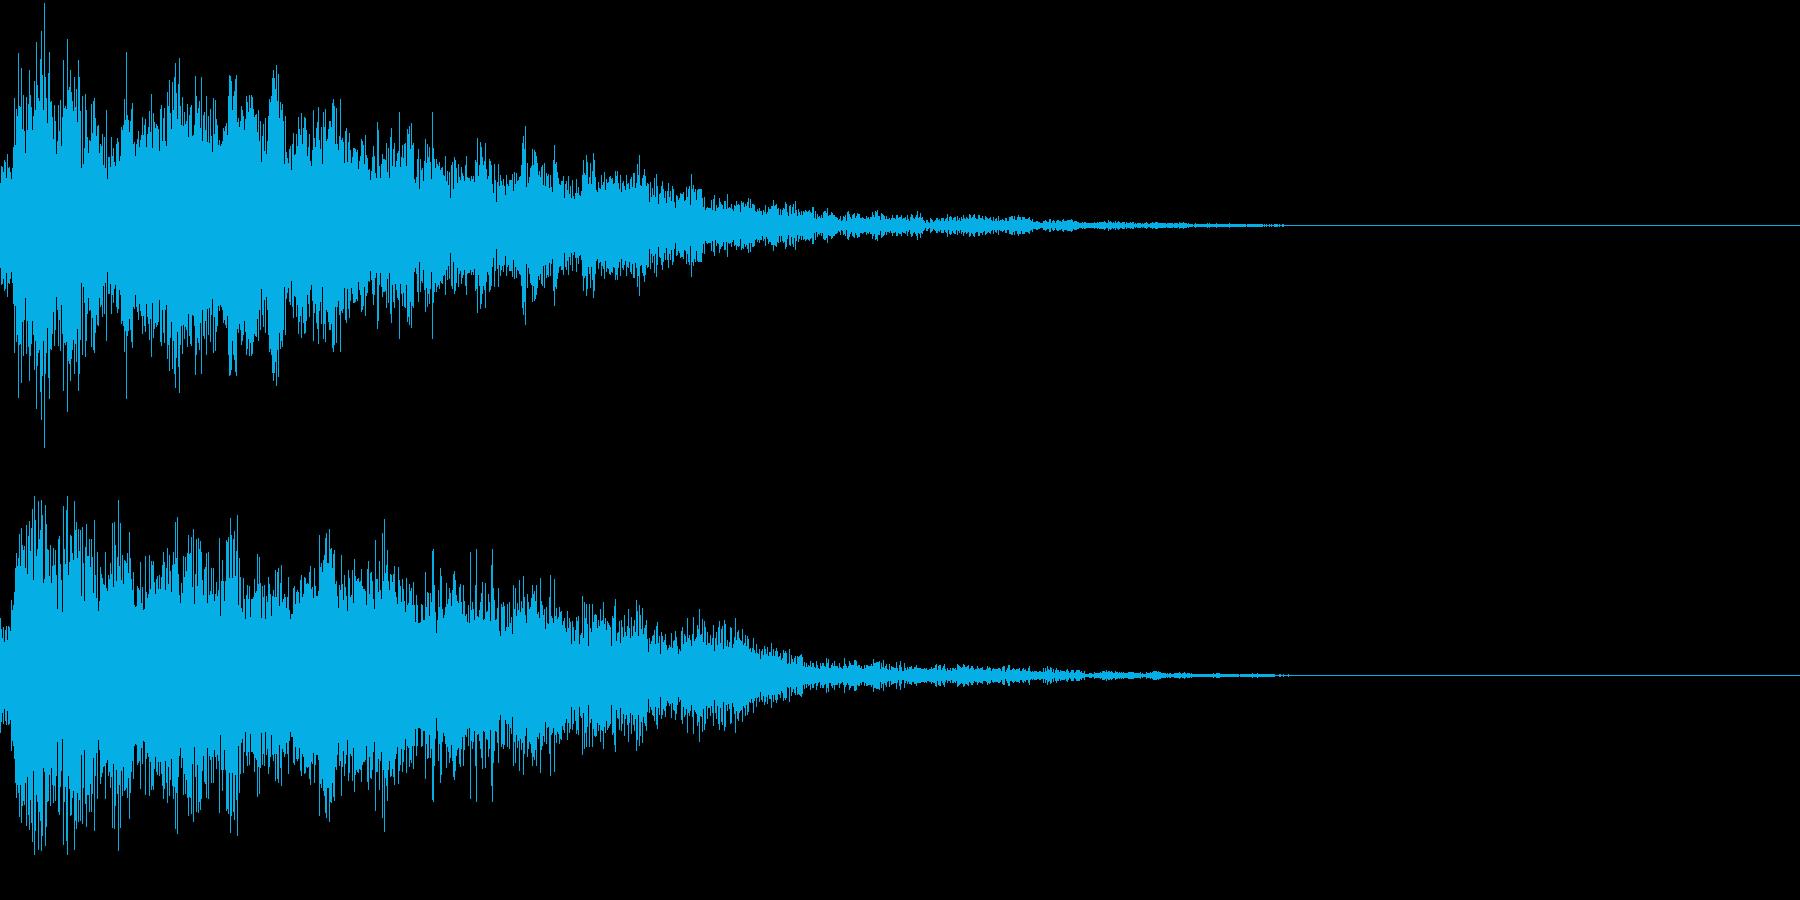 登場 紹介 変化 変身 タイトルロゴの再生済みの波形